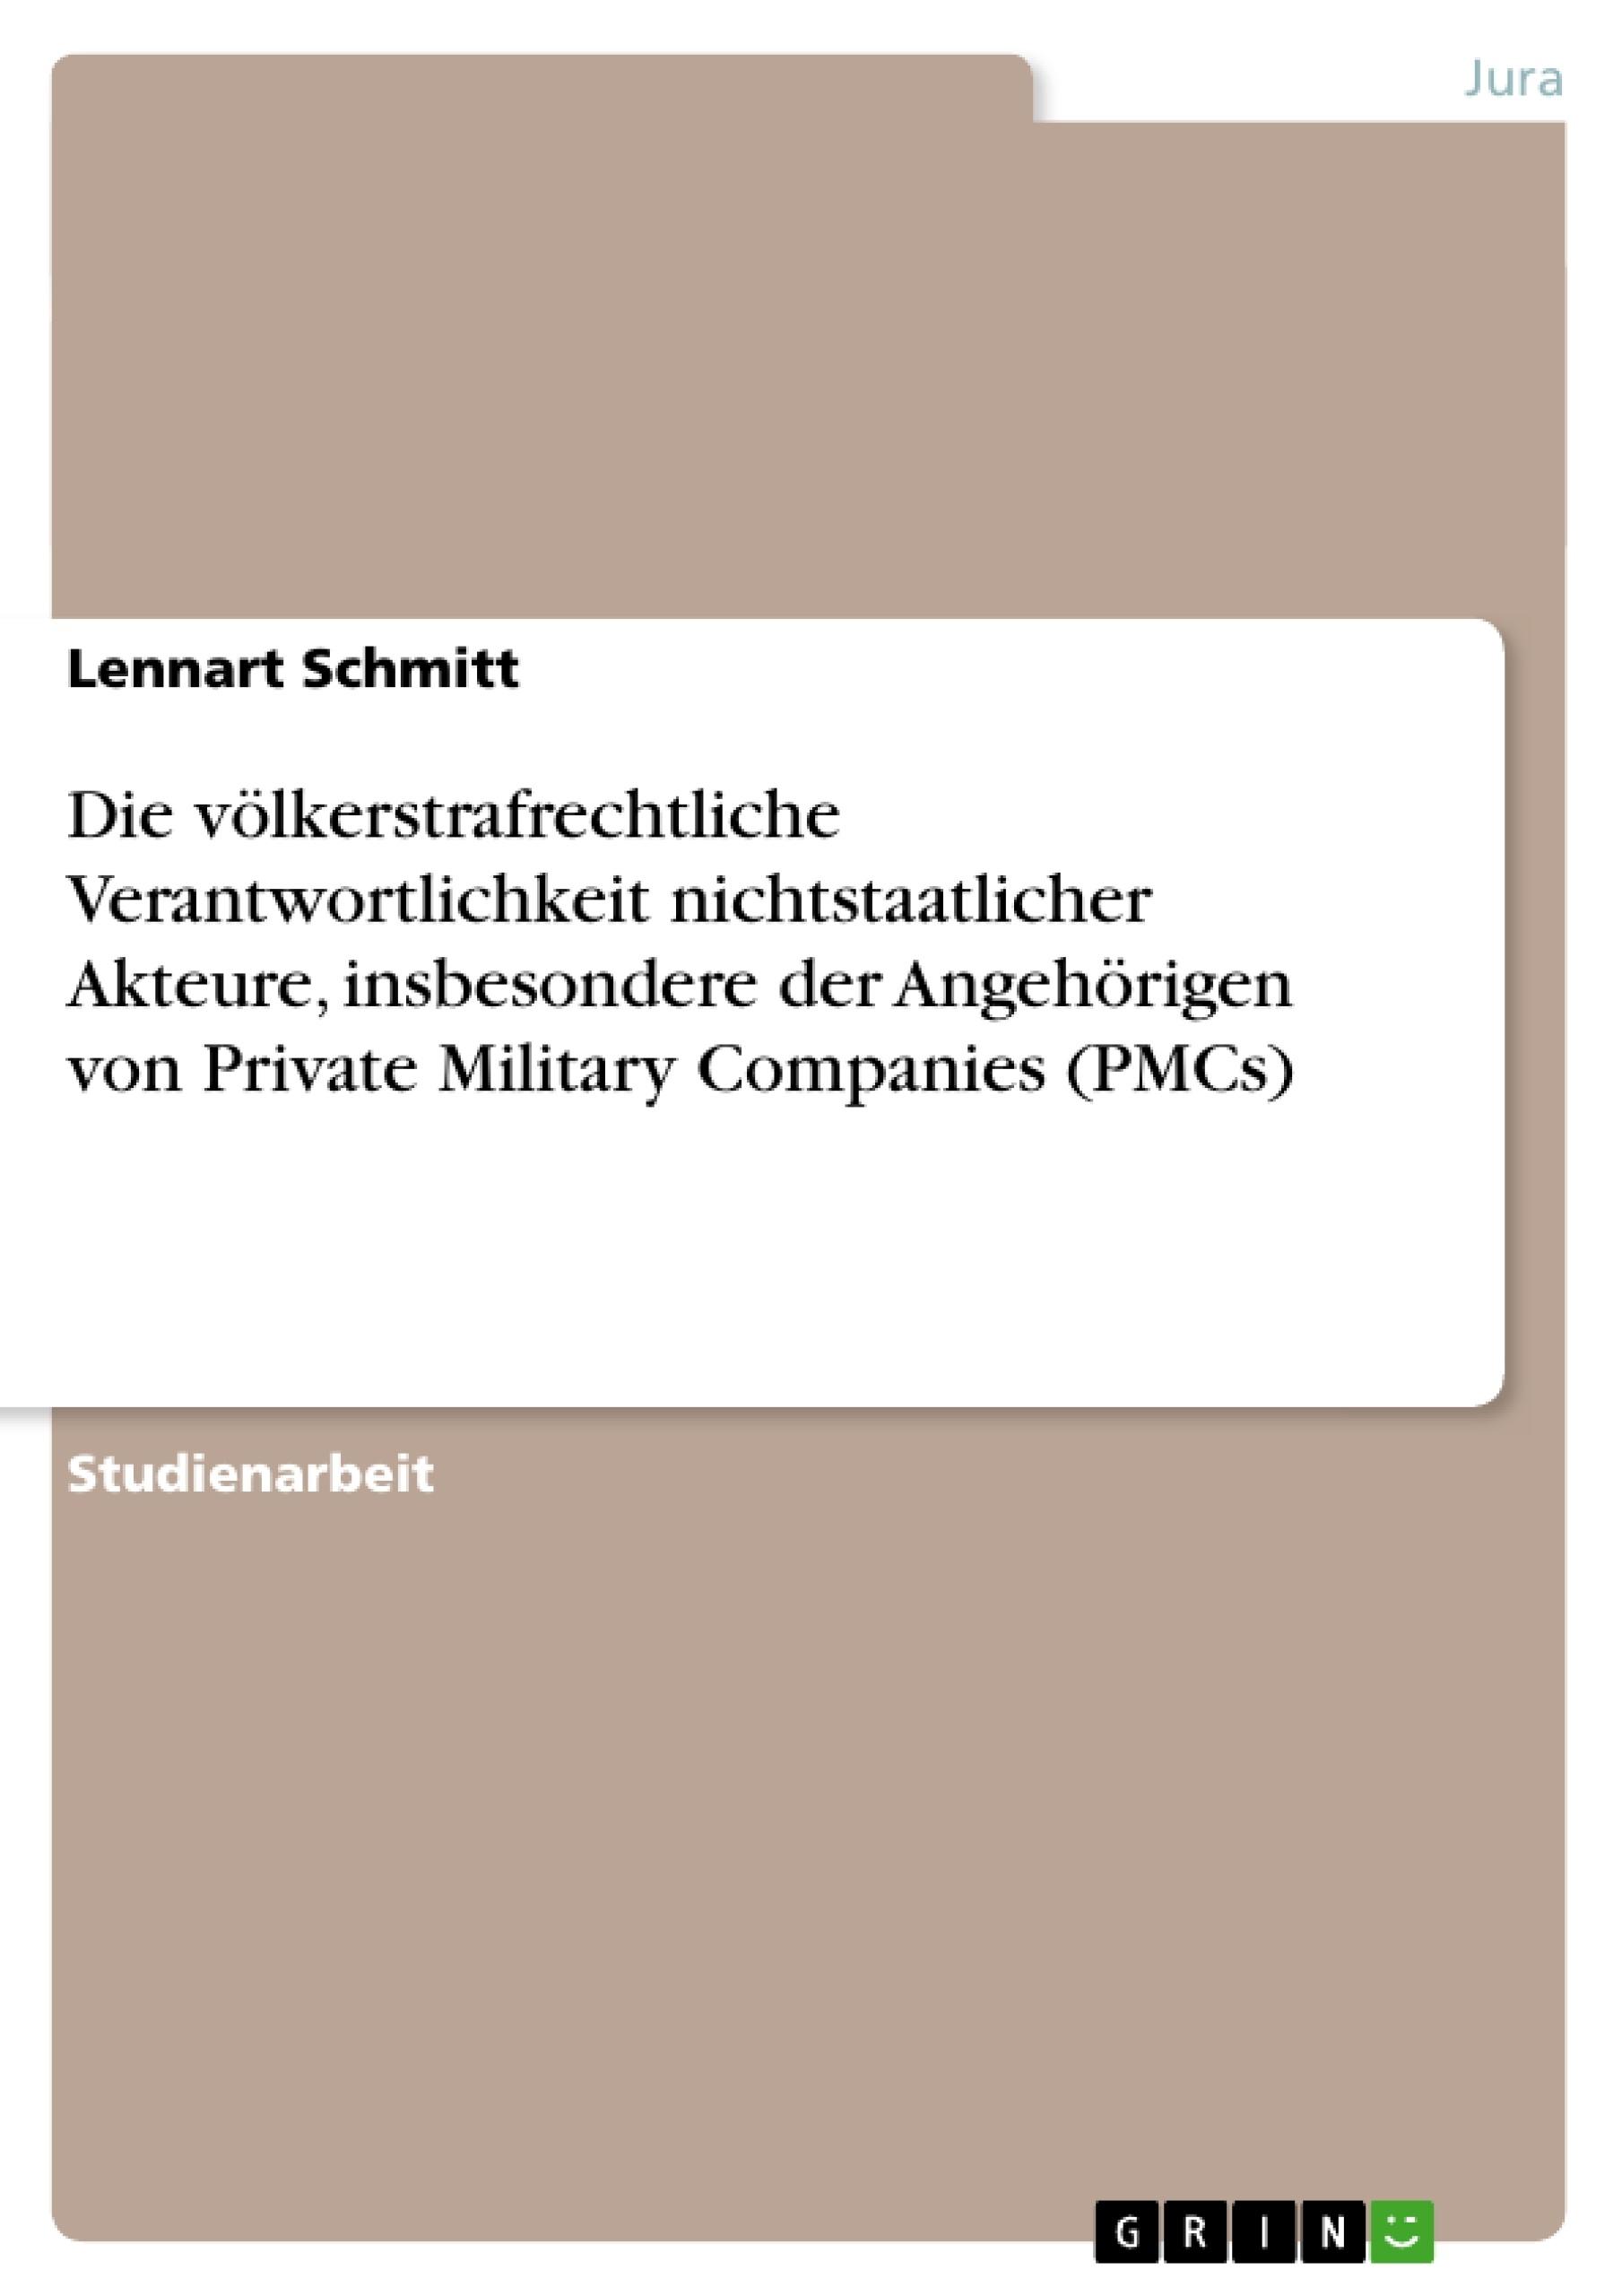 Titel: Die völkerstrafrechtliche Verantwortlichkeit nichtstaatlicher Akteure, insbesondere der Angehörigen von Private Military Companies (PMCs)